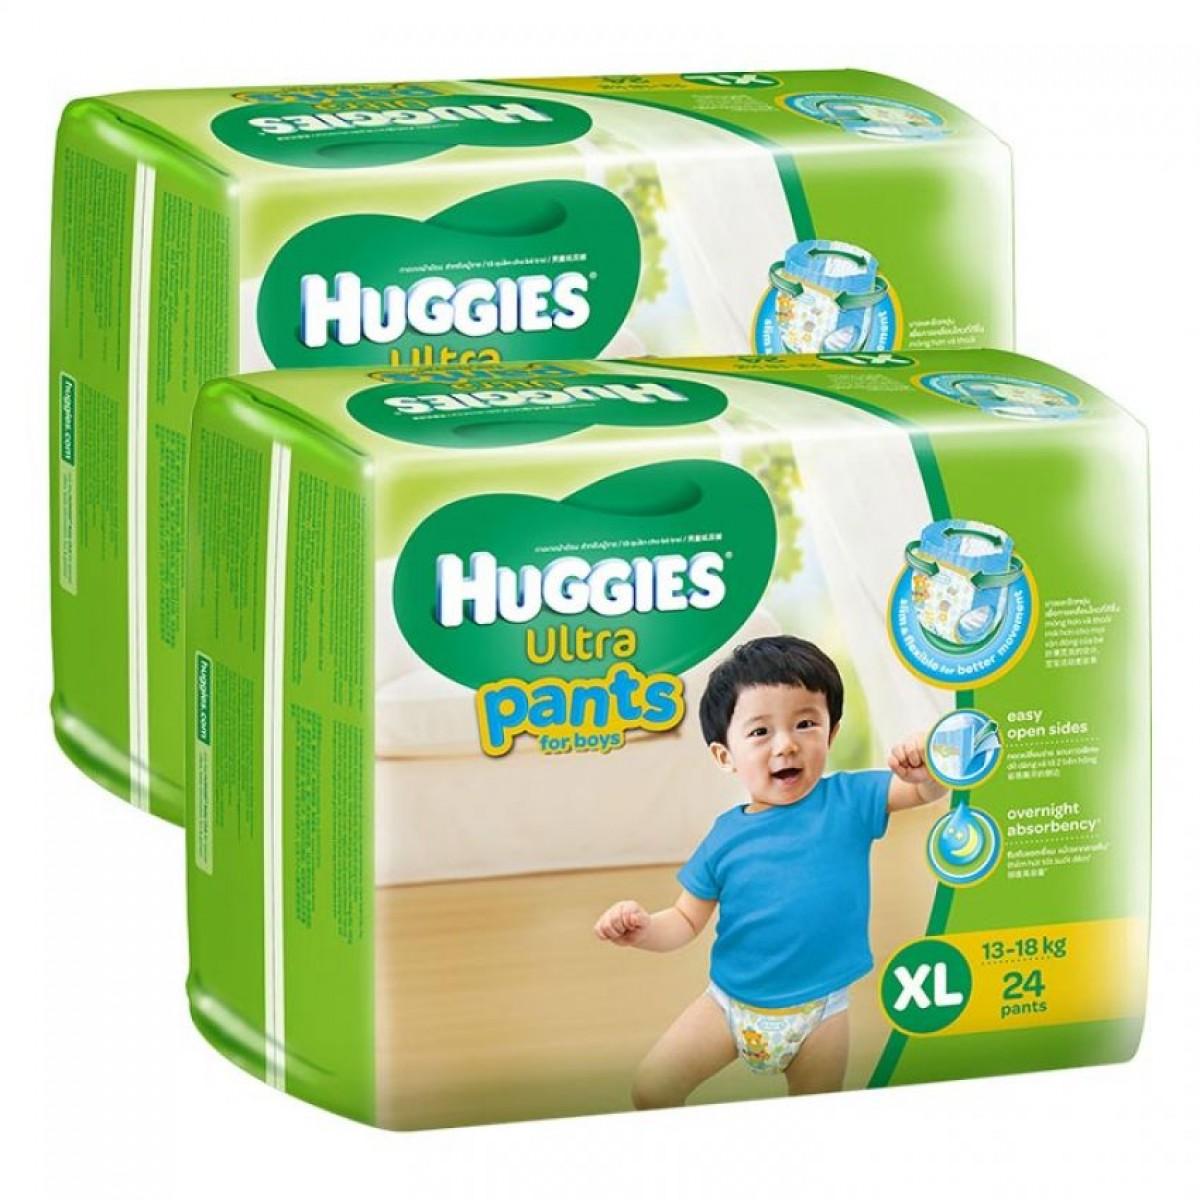 Tã quần Huggies Ultra Pants XL24 boy giá rẻ